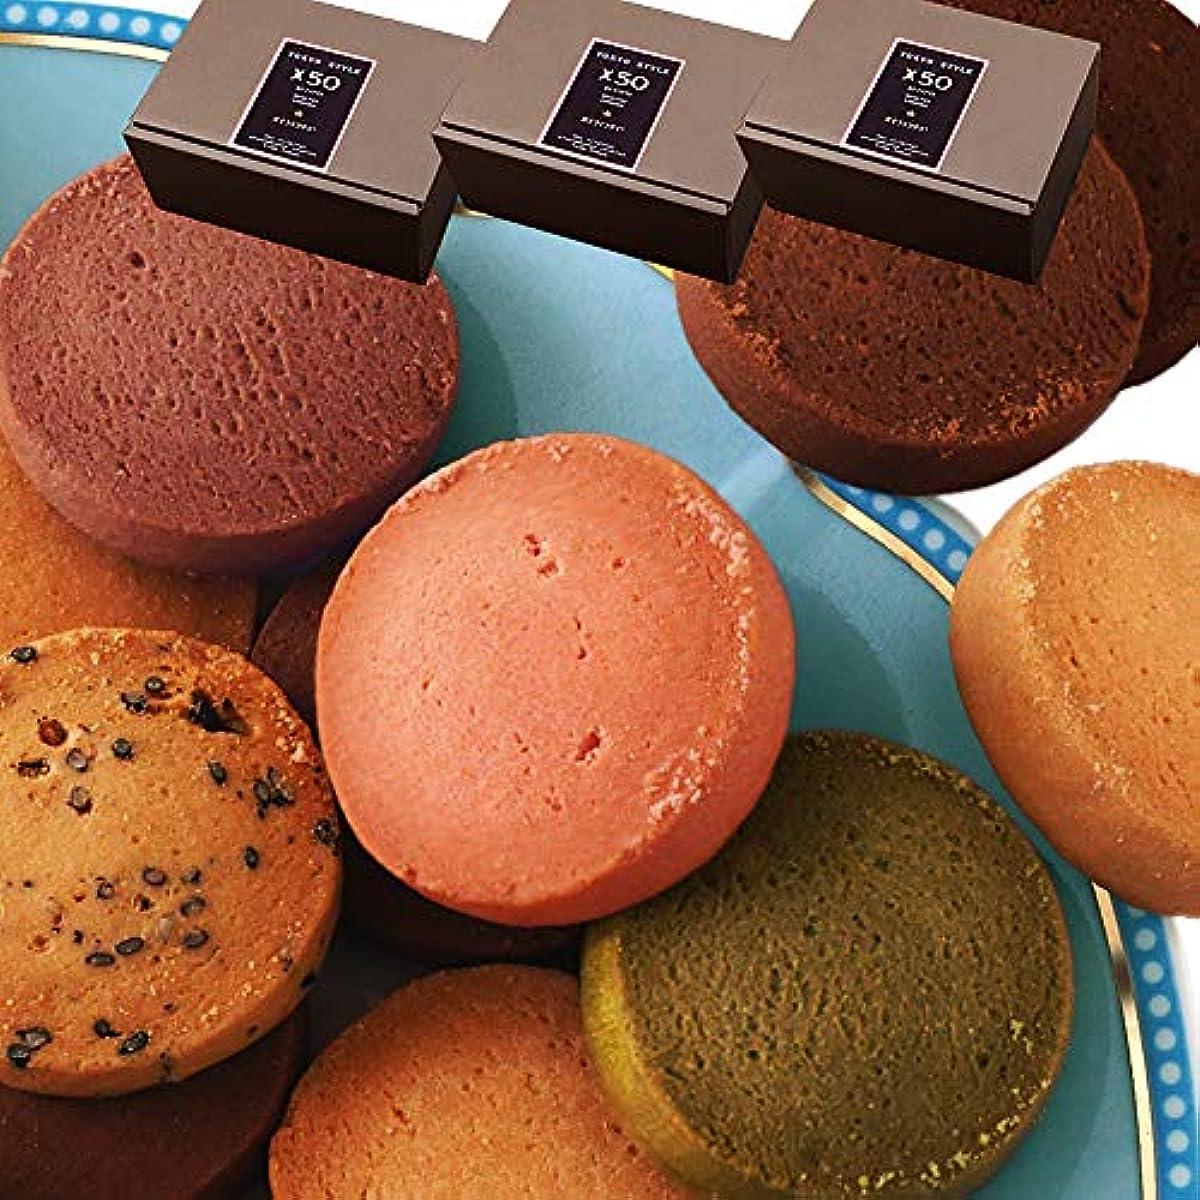 子供時代集まる入射【ダイエット 1食分の個包装】豆乳おからマンナンクッキー TOKYO 洋菓子店のテイスト 18食(6種×3袋)×3箱おまとめ